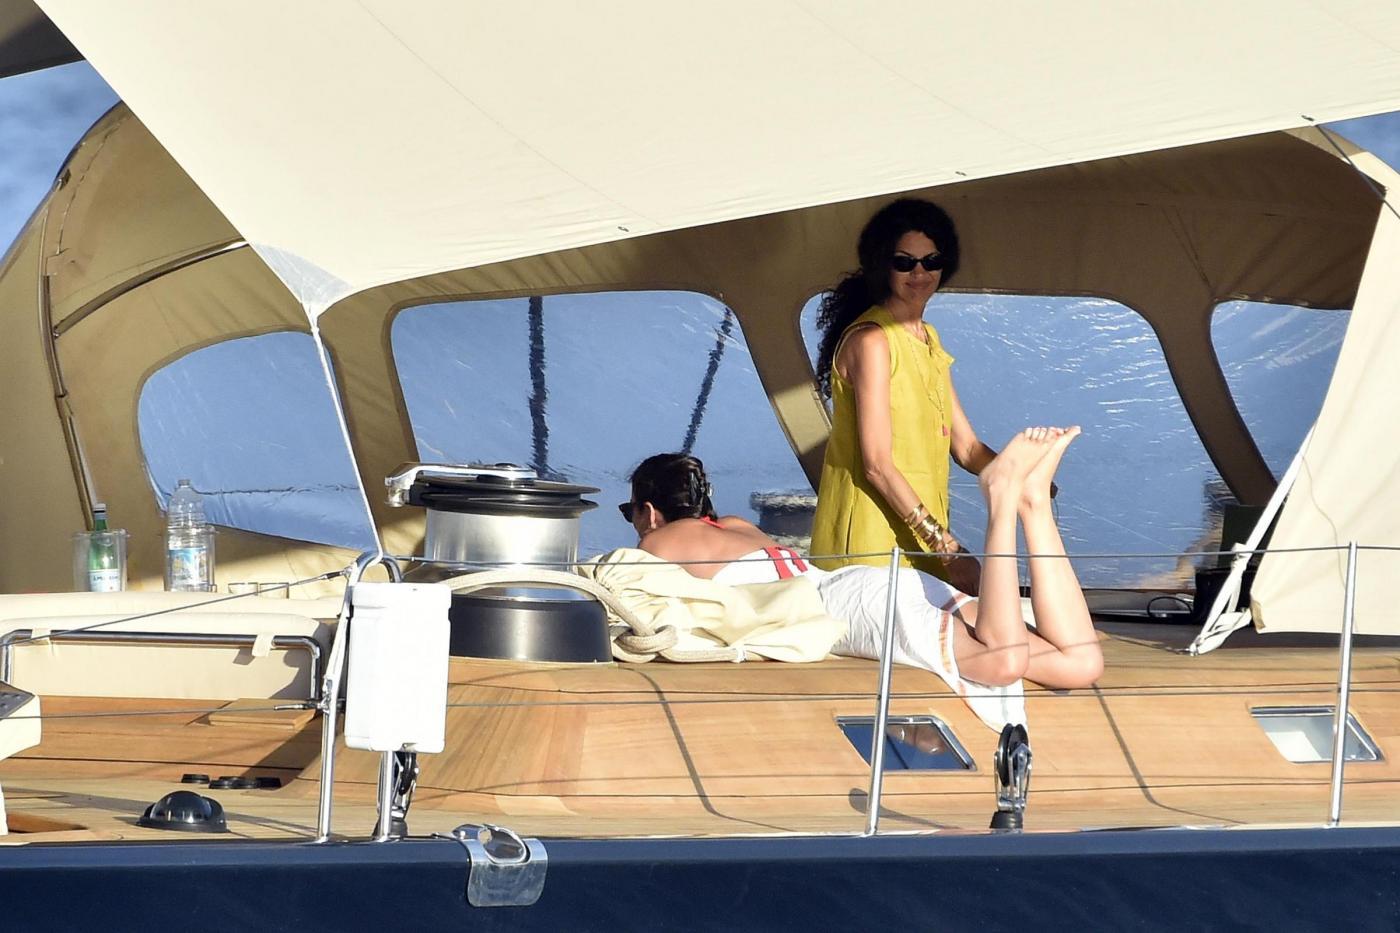 Afef in vacanza con amici: sole e relax sul superyacht di famiglia2